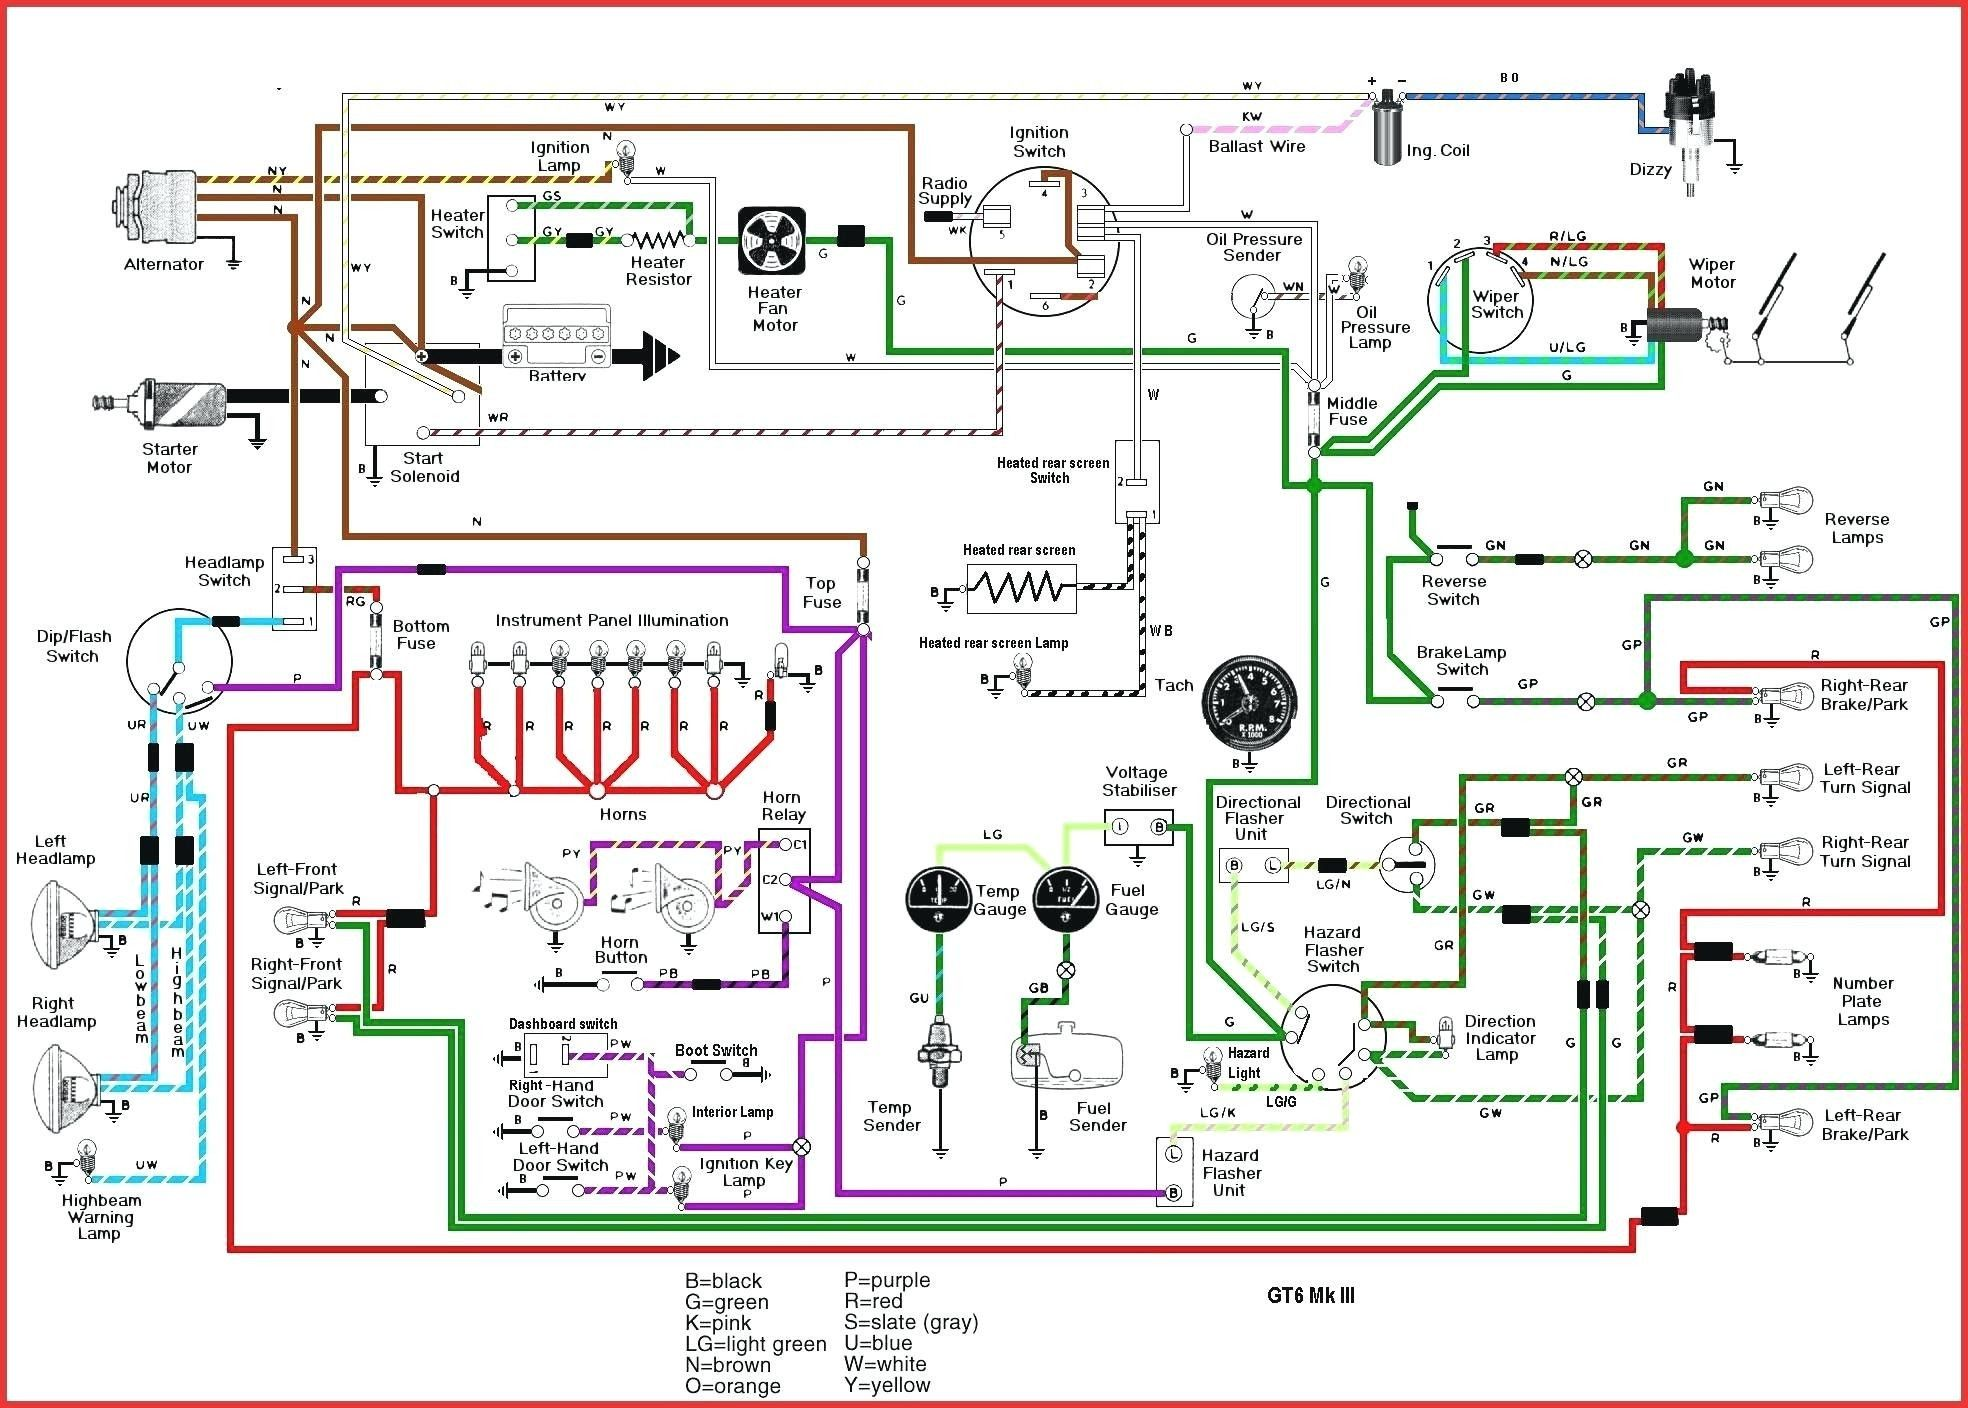 New Wiring Scheme Diagram Wiringdiagram Diagramming Diagramm Visuals Visualisation Graph Electrical Circuit Diagram Electrical Diagram Electrical Wiring